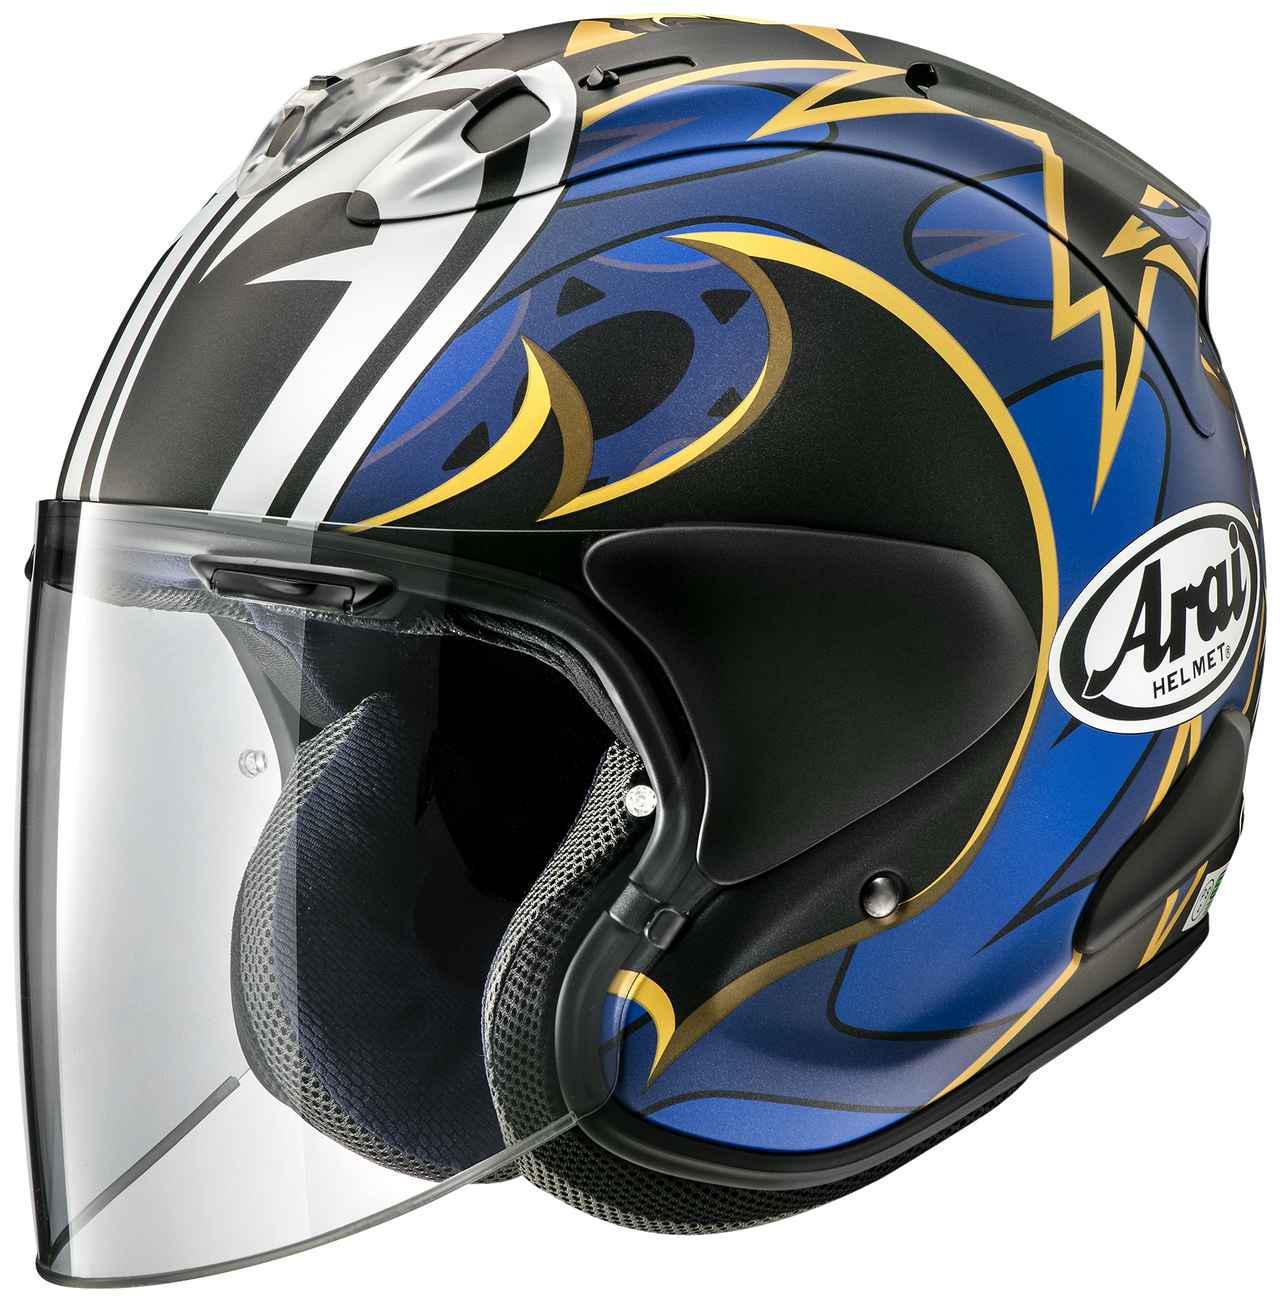 画像: 全日本ロードレースを代表する中須賀克行選手のレプリカヘルメットがアライ「VZ-RAM」で新登場!! - webオートバイ